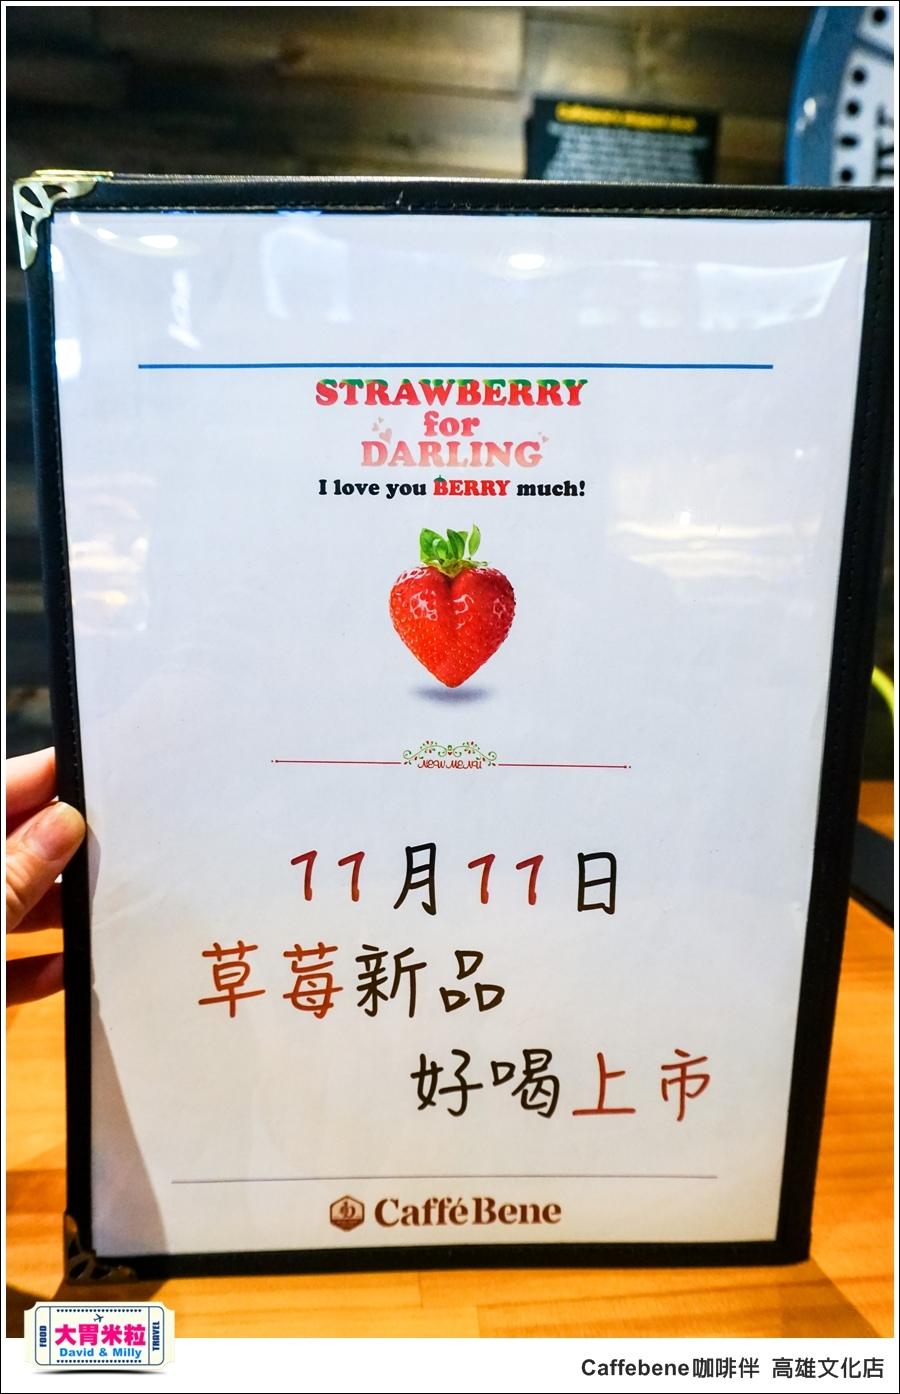 高雄咖啡推薦@ 韓國 Caffebene 咖啡伴 高雄文化店 @大胃米粒 0014.jpg